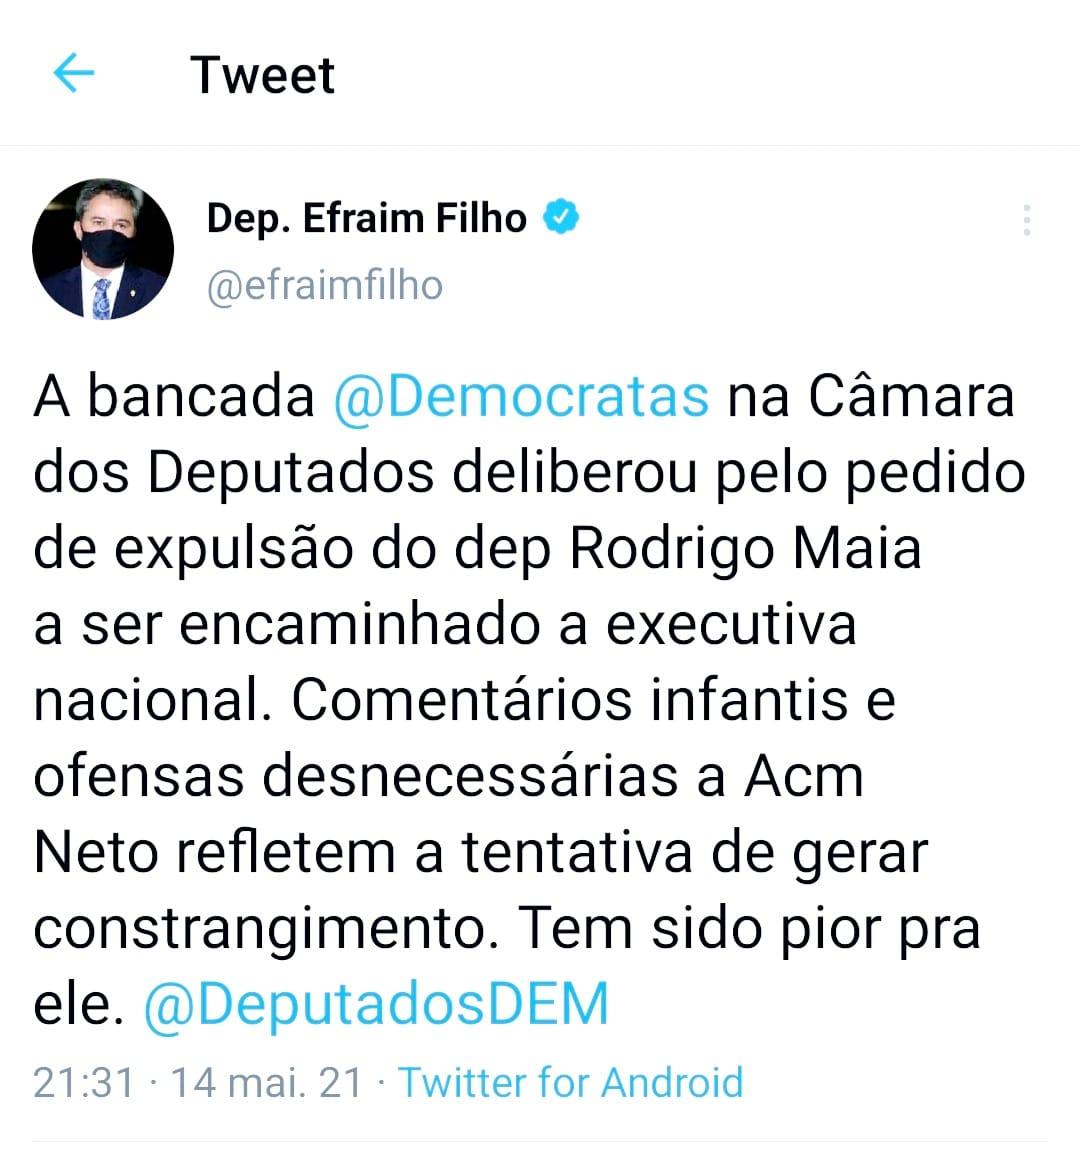 WhatsApp Image 2021 05 14 at 22.54.26 - Bancada do DEM decide pedir expulsão de Rodrigo Maia depois de ataque a ACM Neto